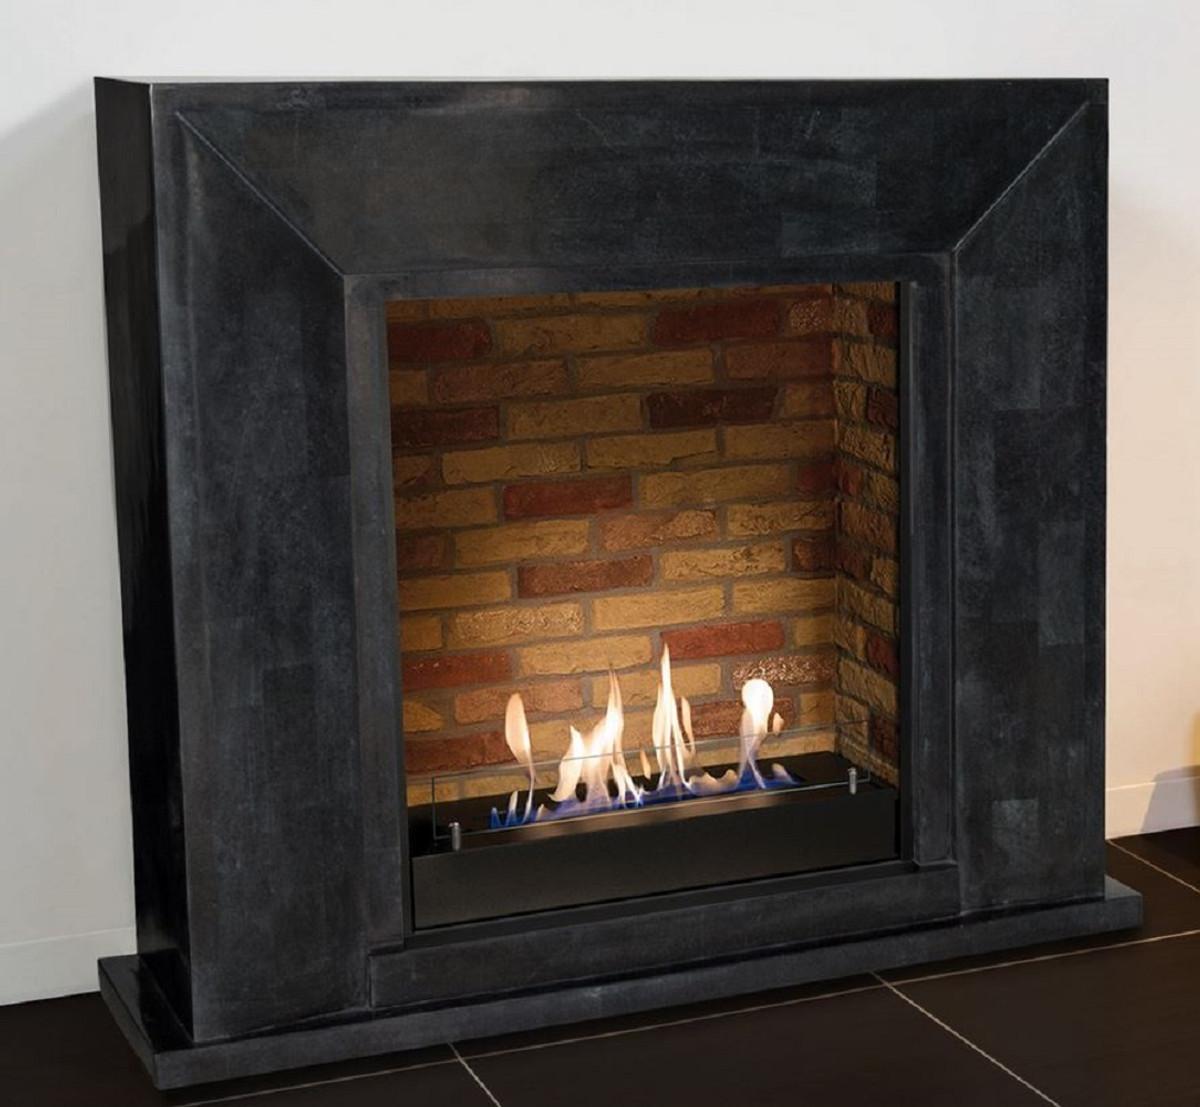 casa padrino luxus ethanol kamin mit einem keramischen. Black Bedroom Furniture Sets. Home Design Ideas